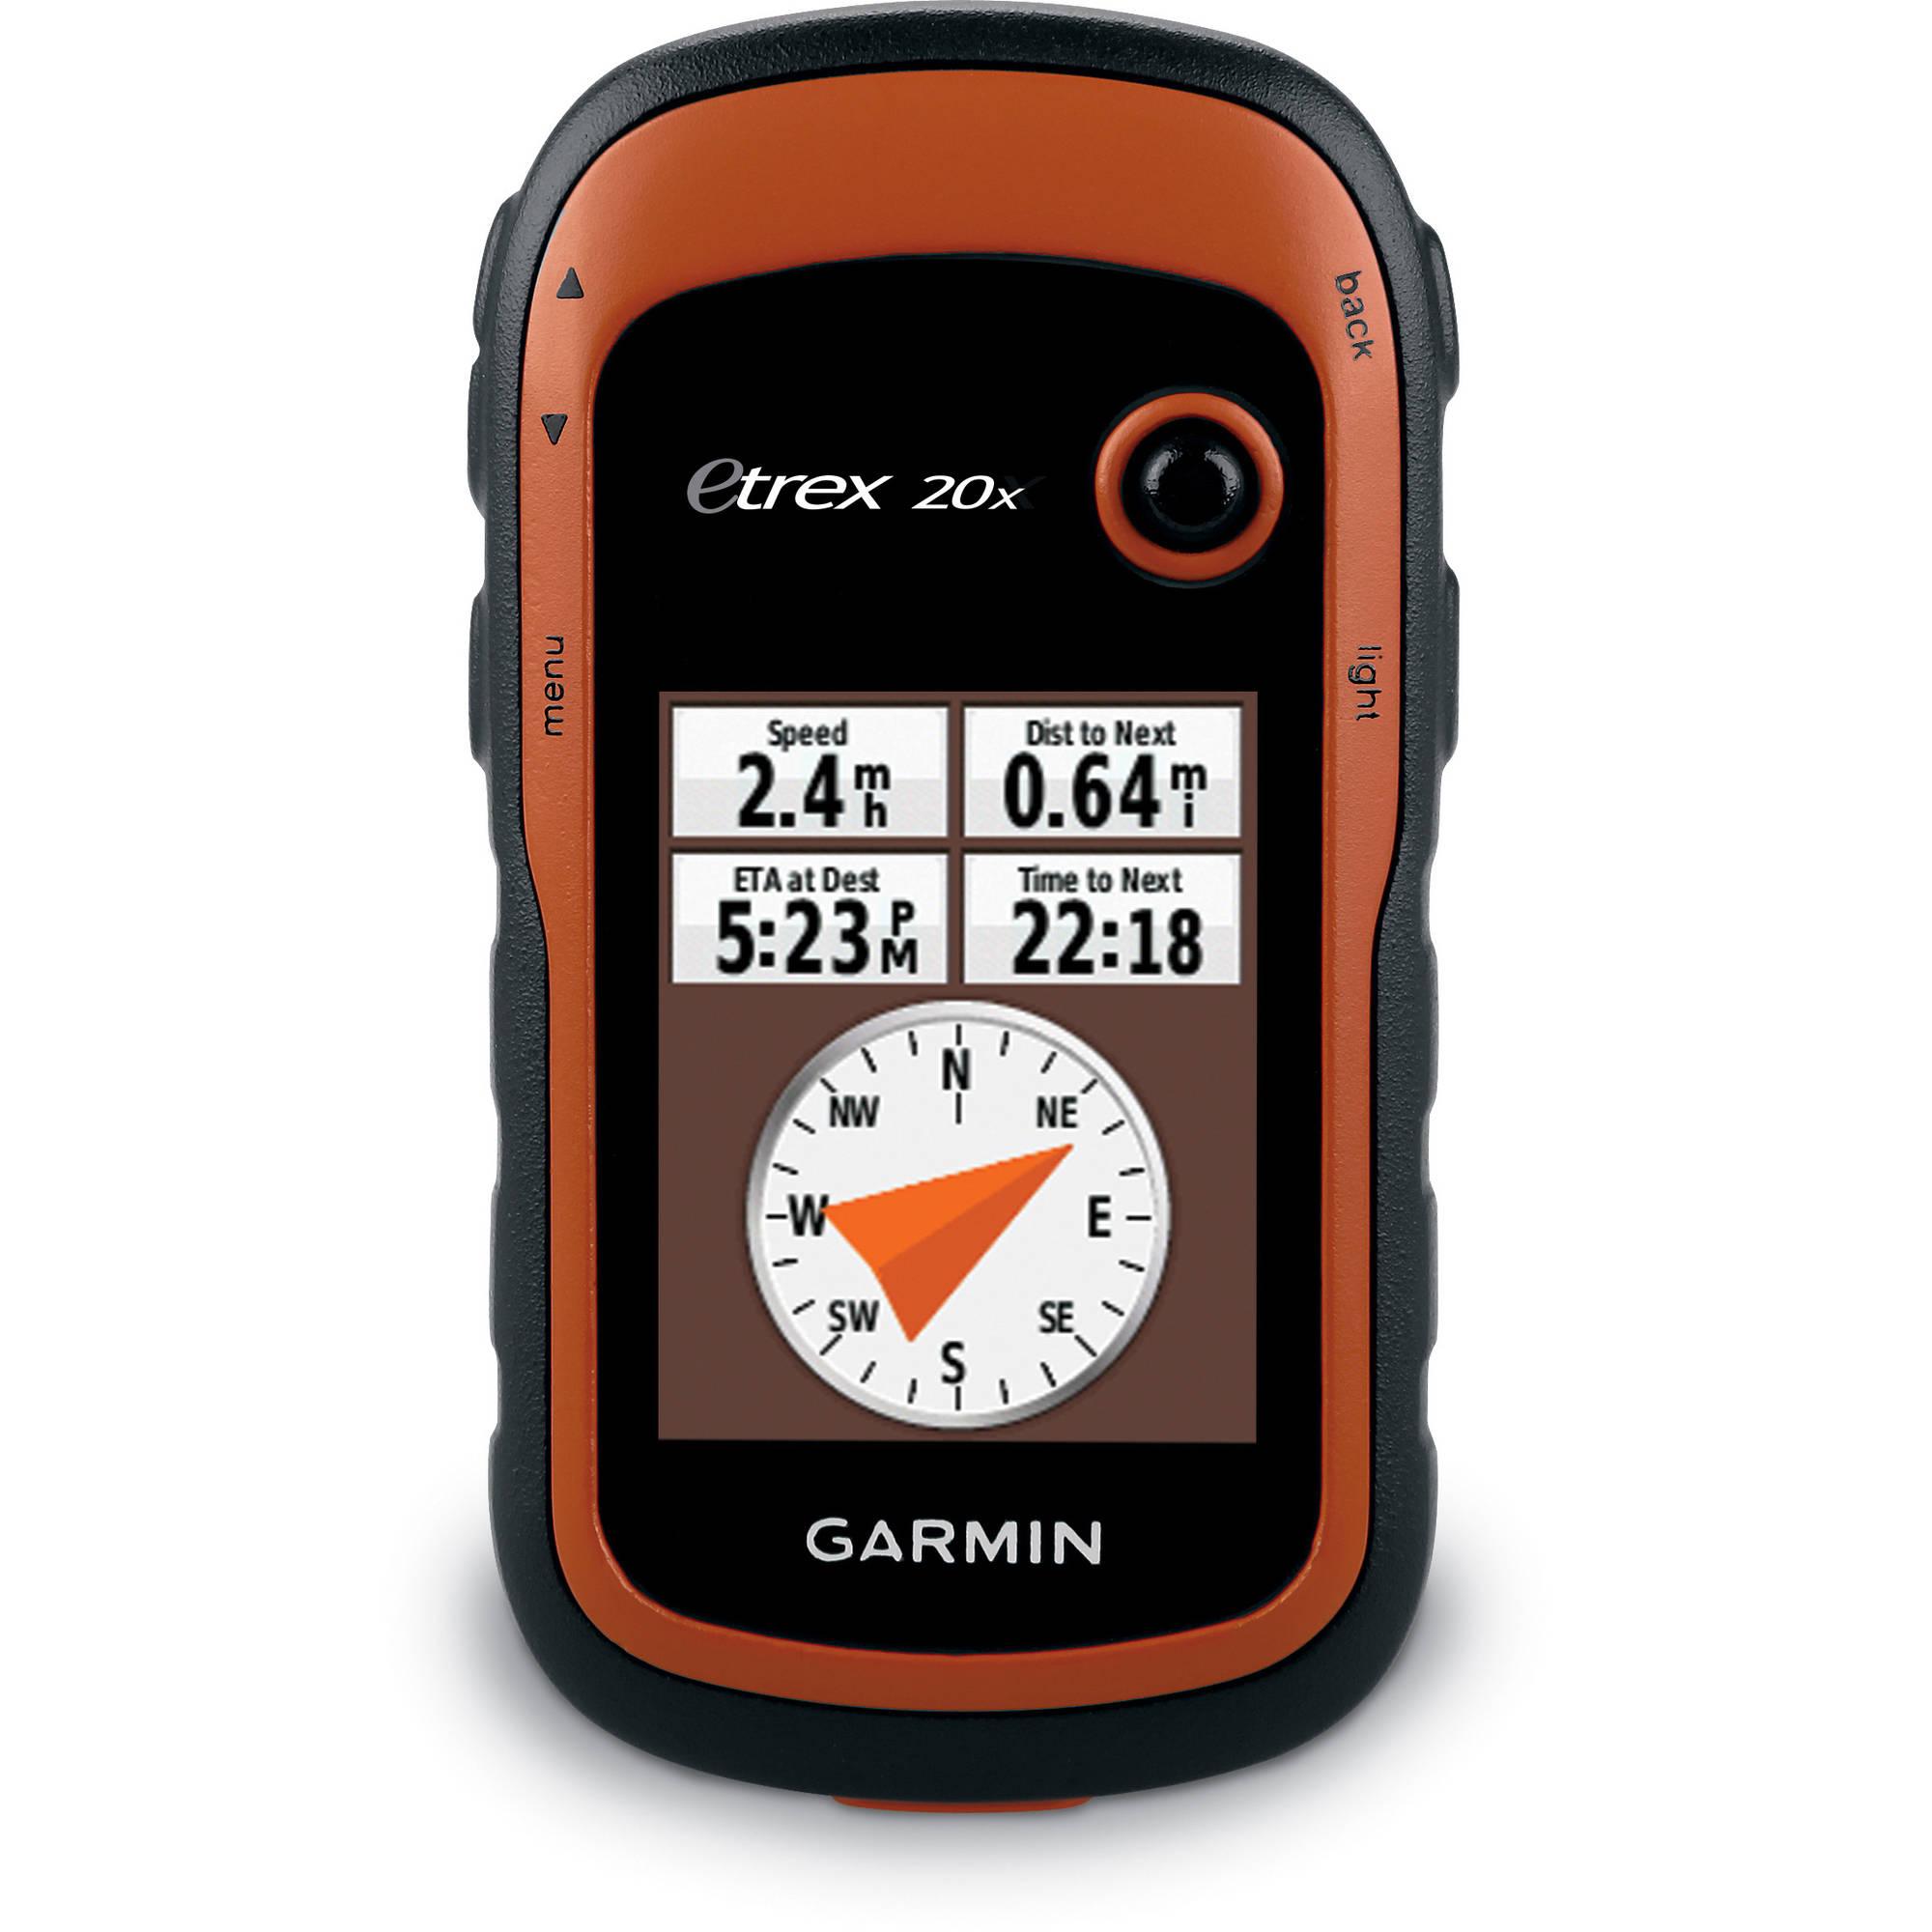 GPS eTrex 20 x GPS portátiles + Garmin en Veo y Compro